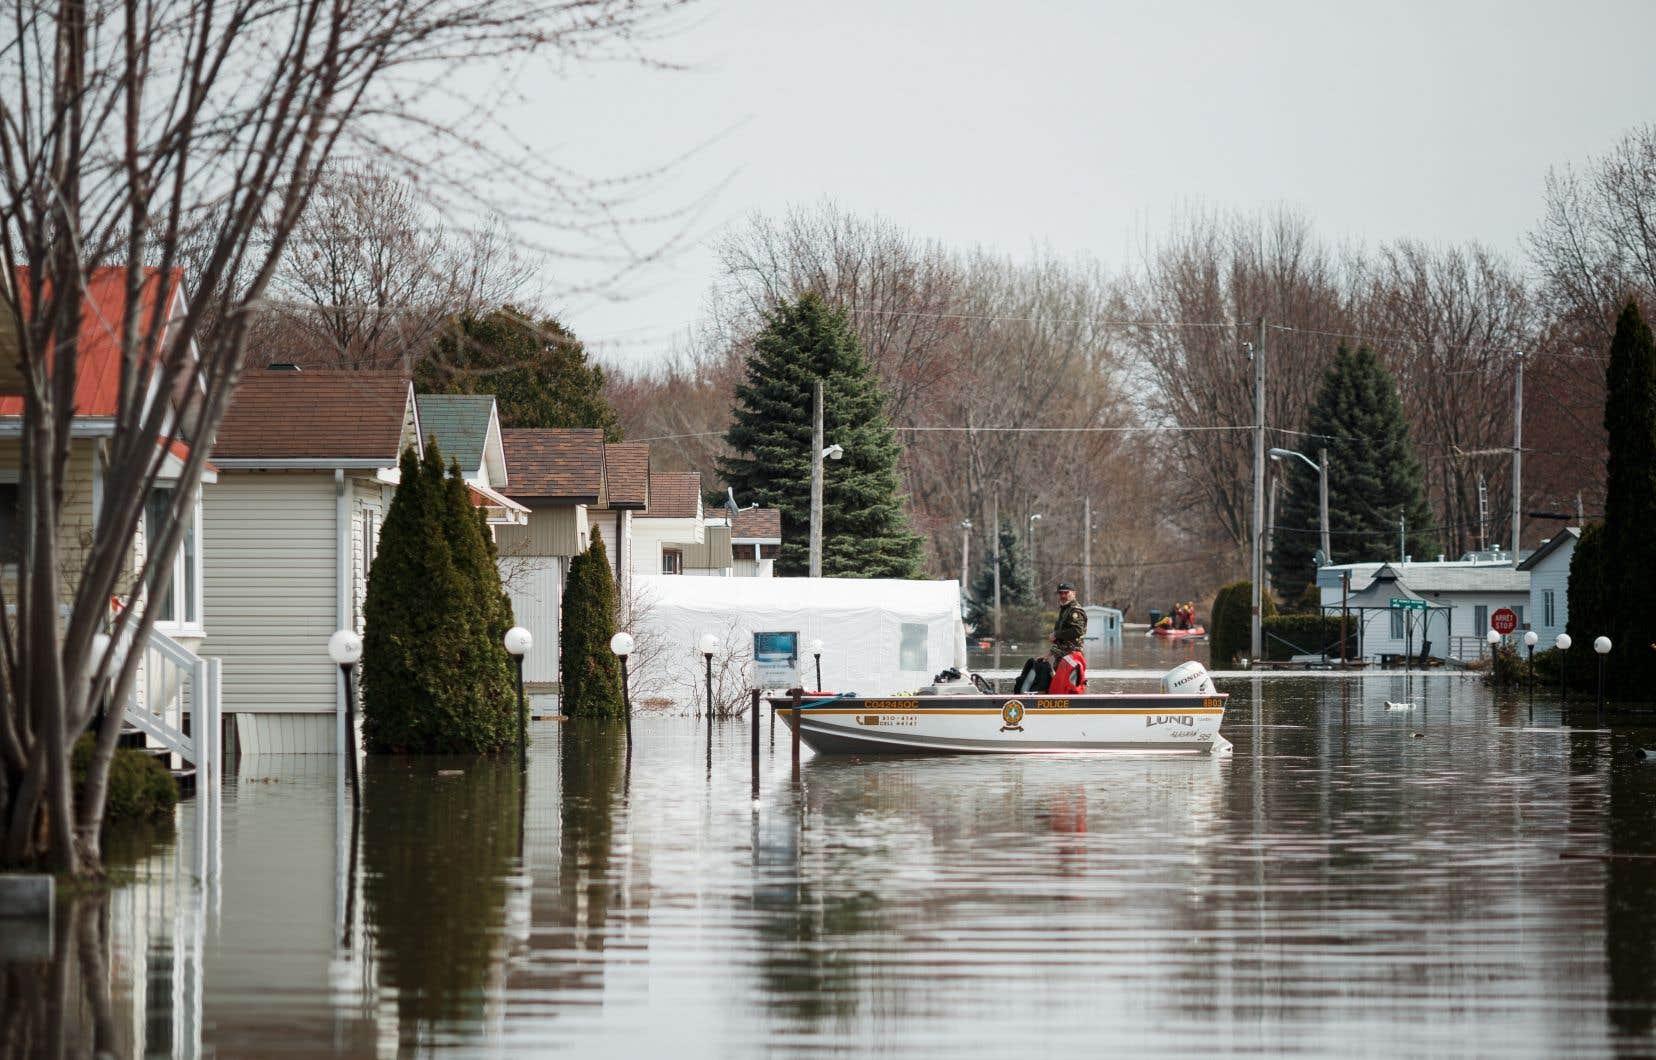 Au printemps 2019, des milliers de citoyens de Sainte-Marthe-sur-le-Lac, dans les Laurentides, ont été évacués.